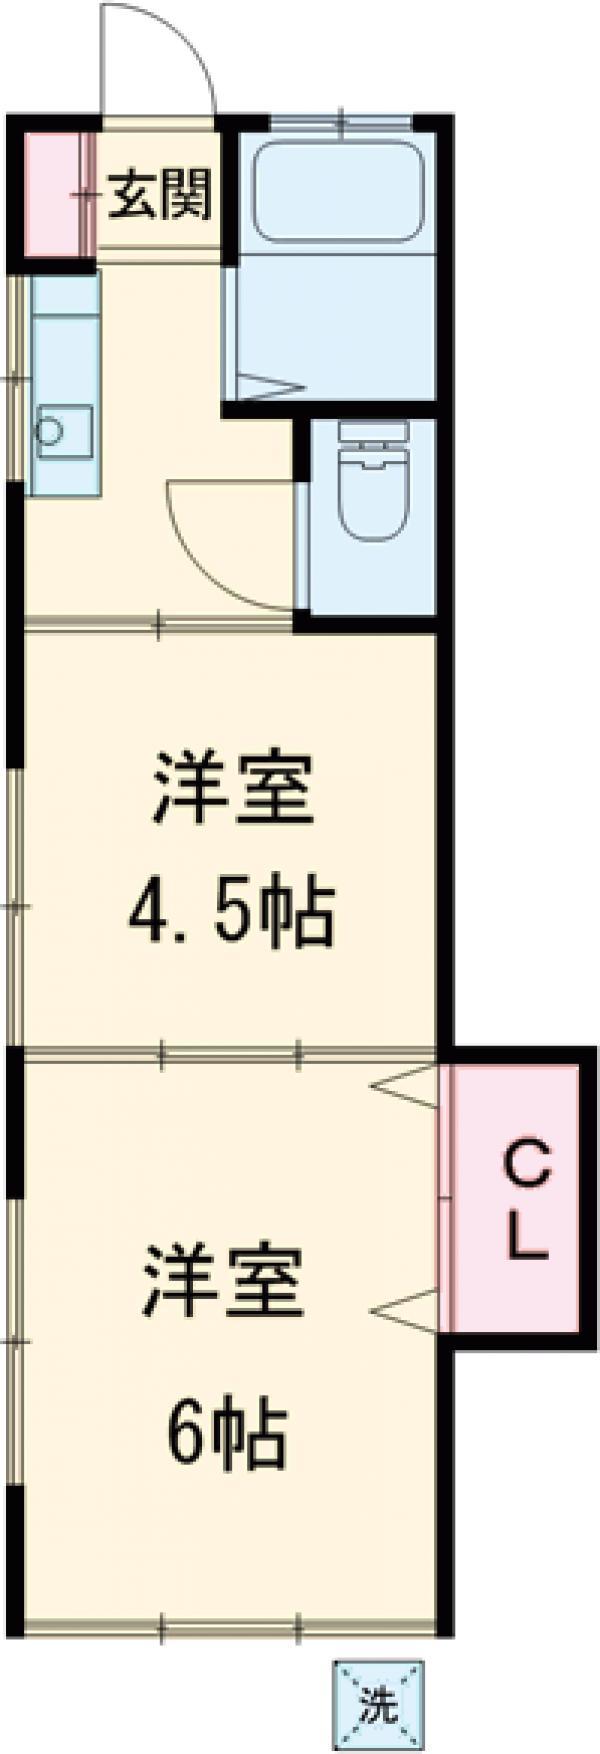 桜井ハイツ・1-C号室の間取り